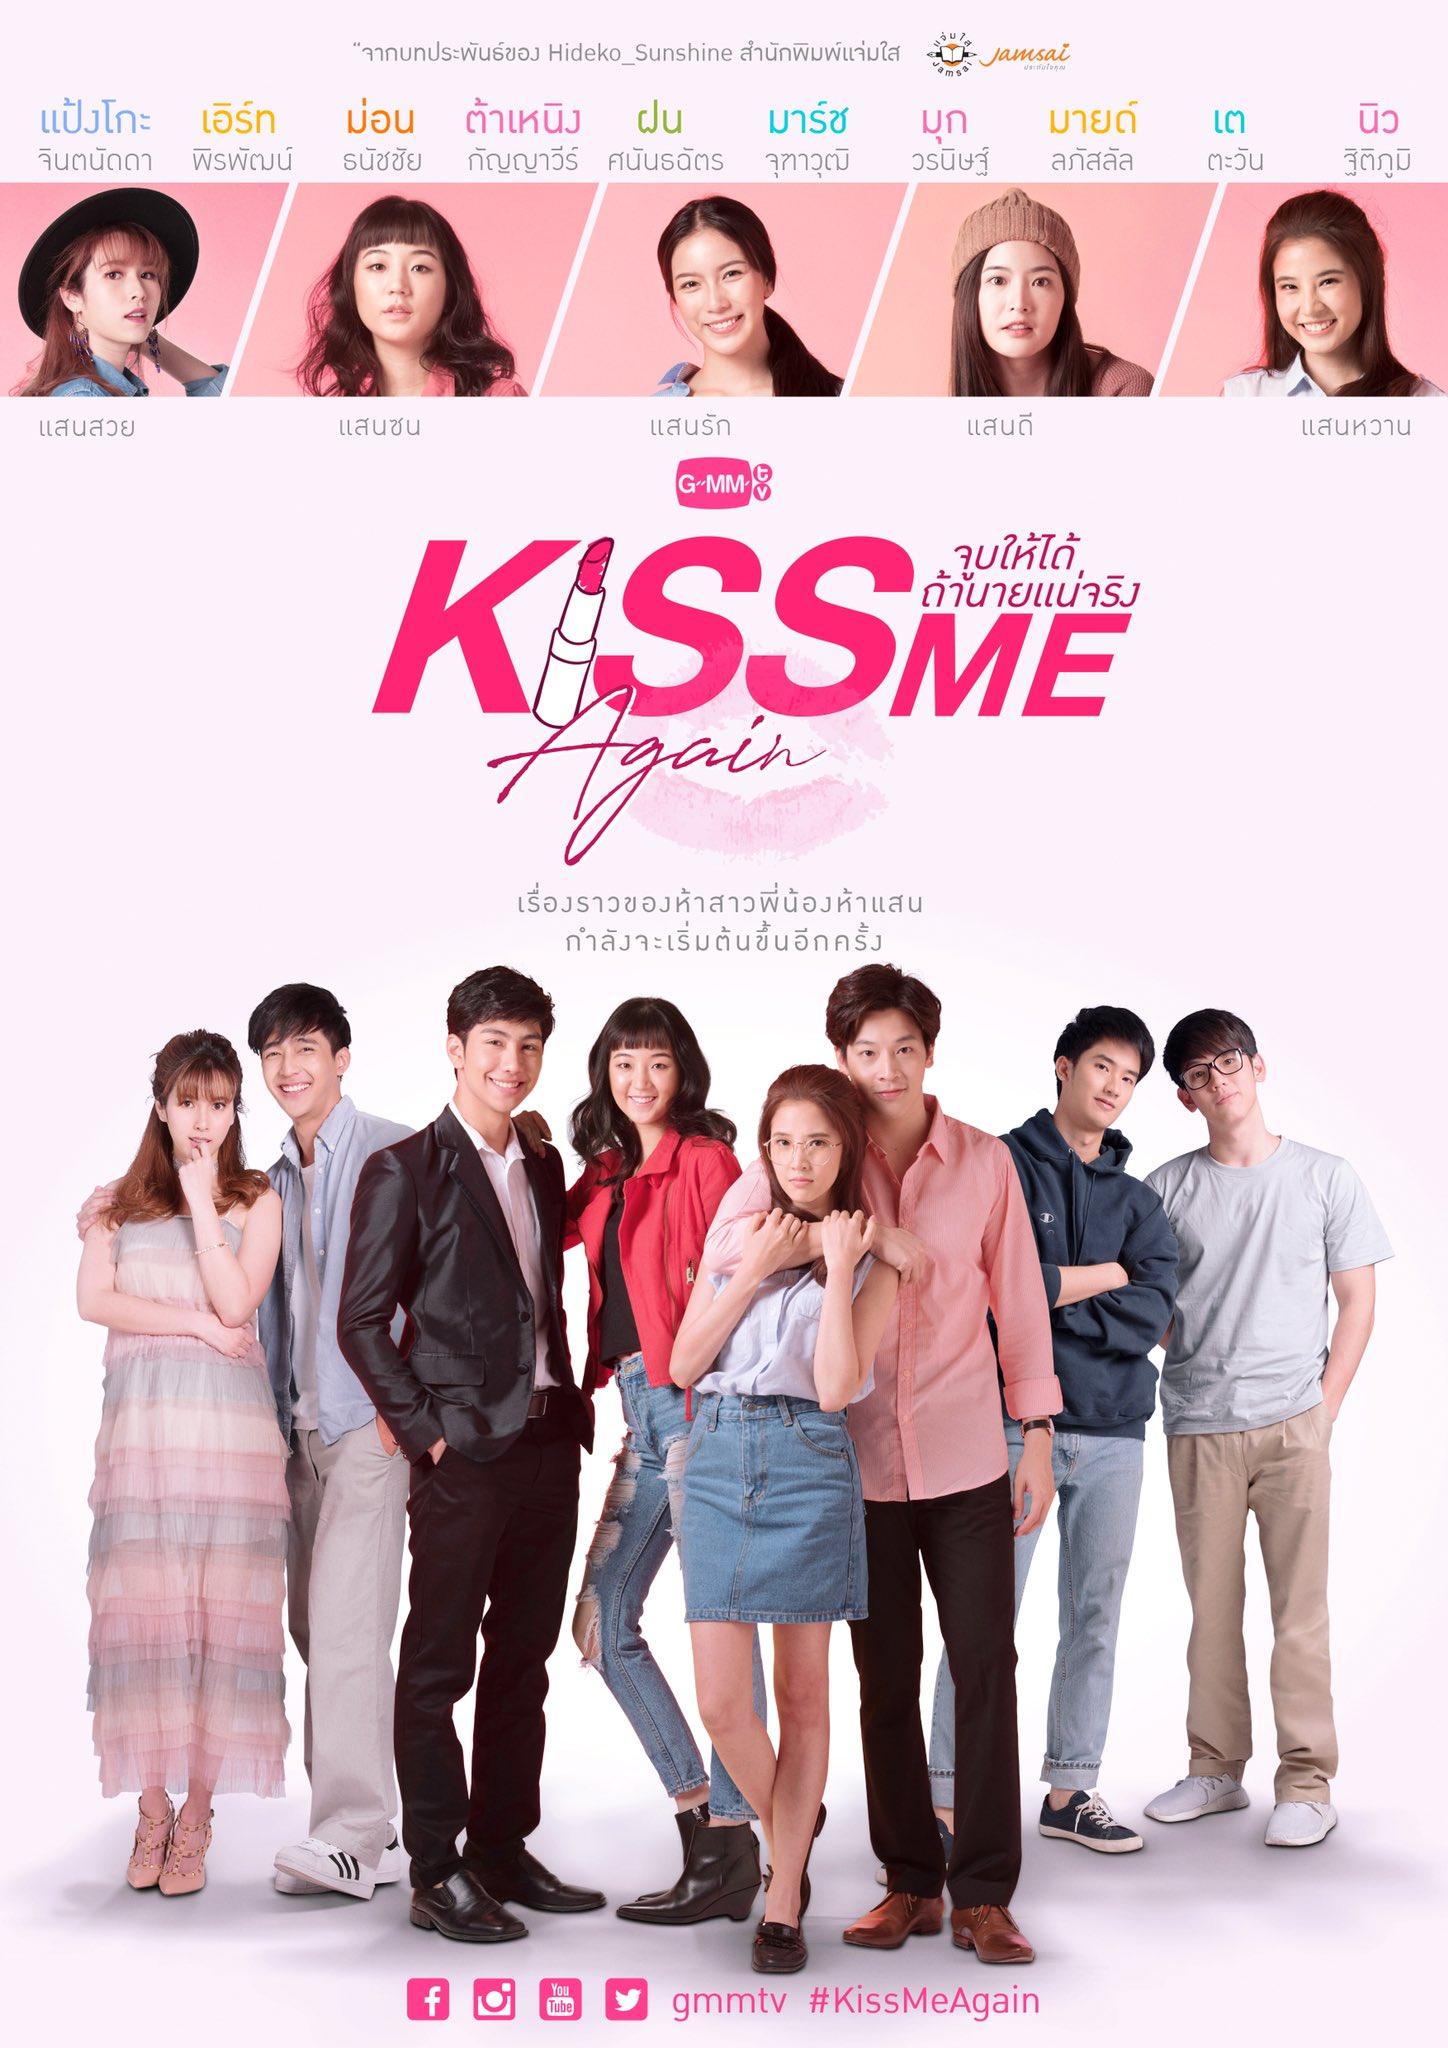 >ซีรี่ย์ไทย Kiss Me Again จูบให้ได้ถ้านายแน่จริง ตอนที่ 1-14 พากย์ไทย